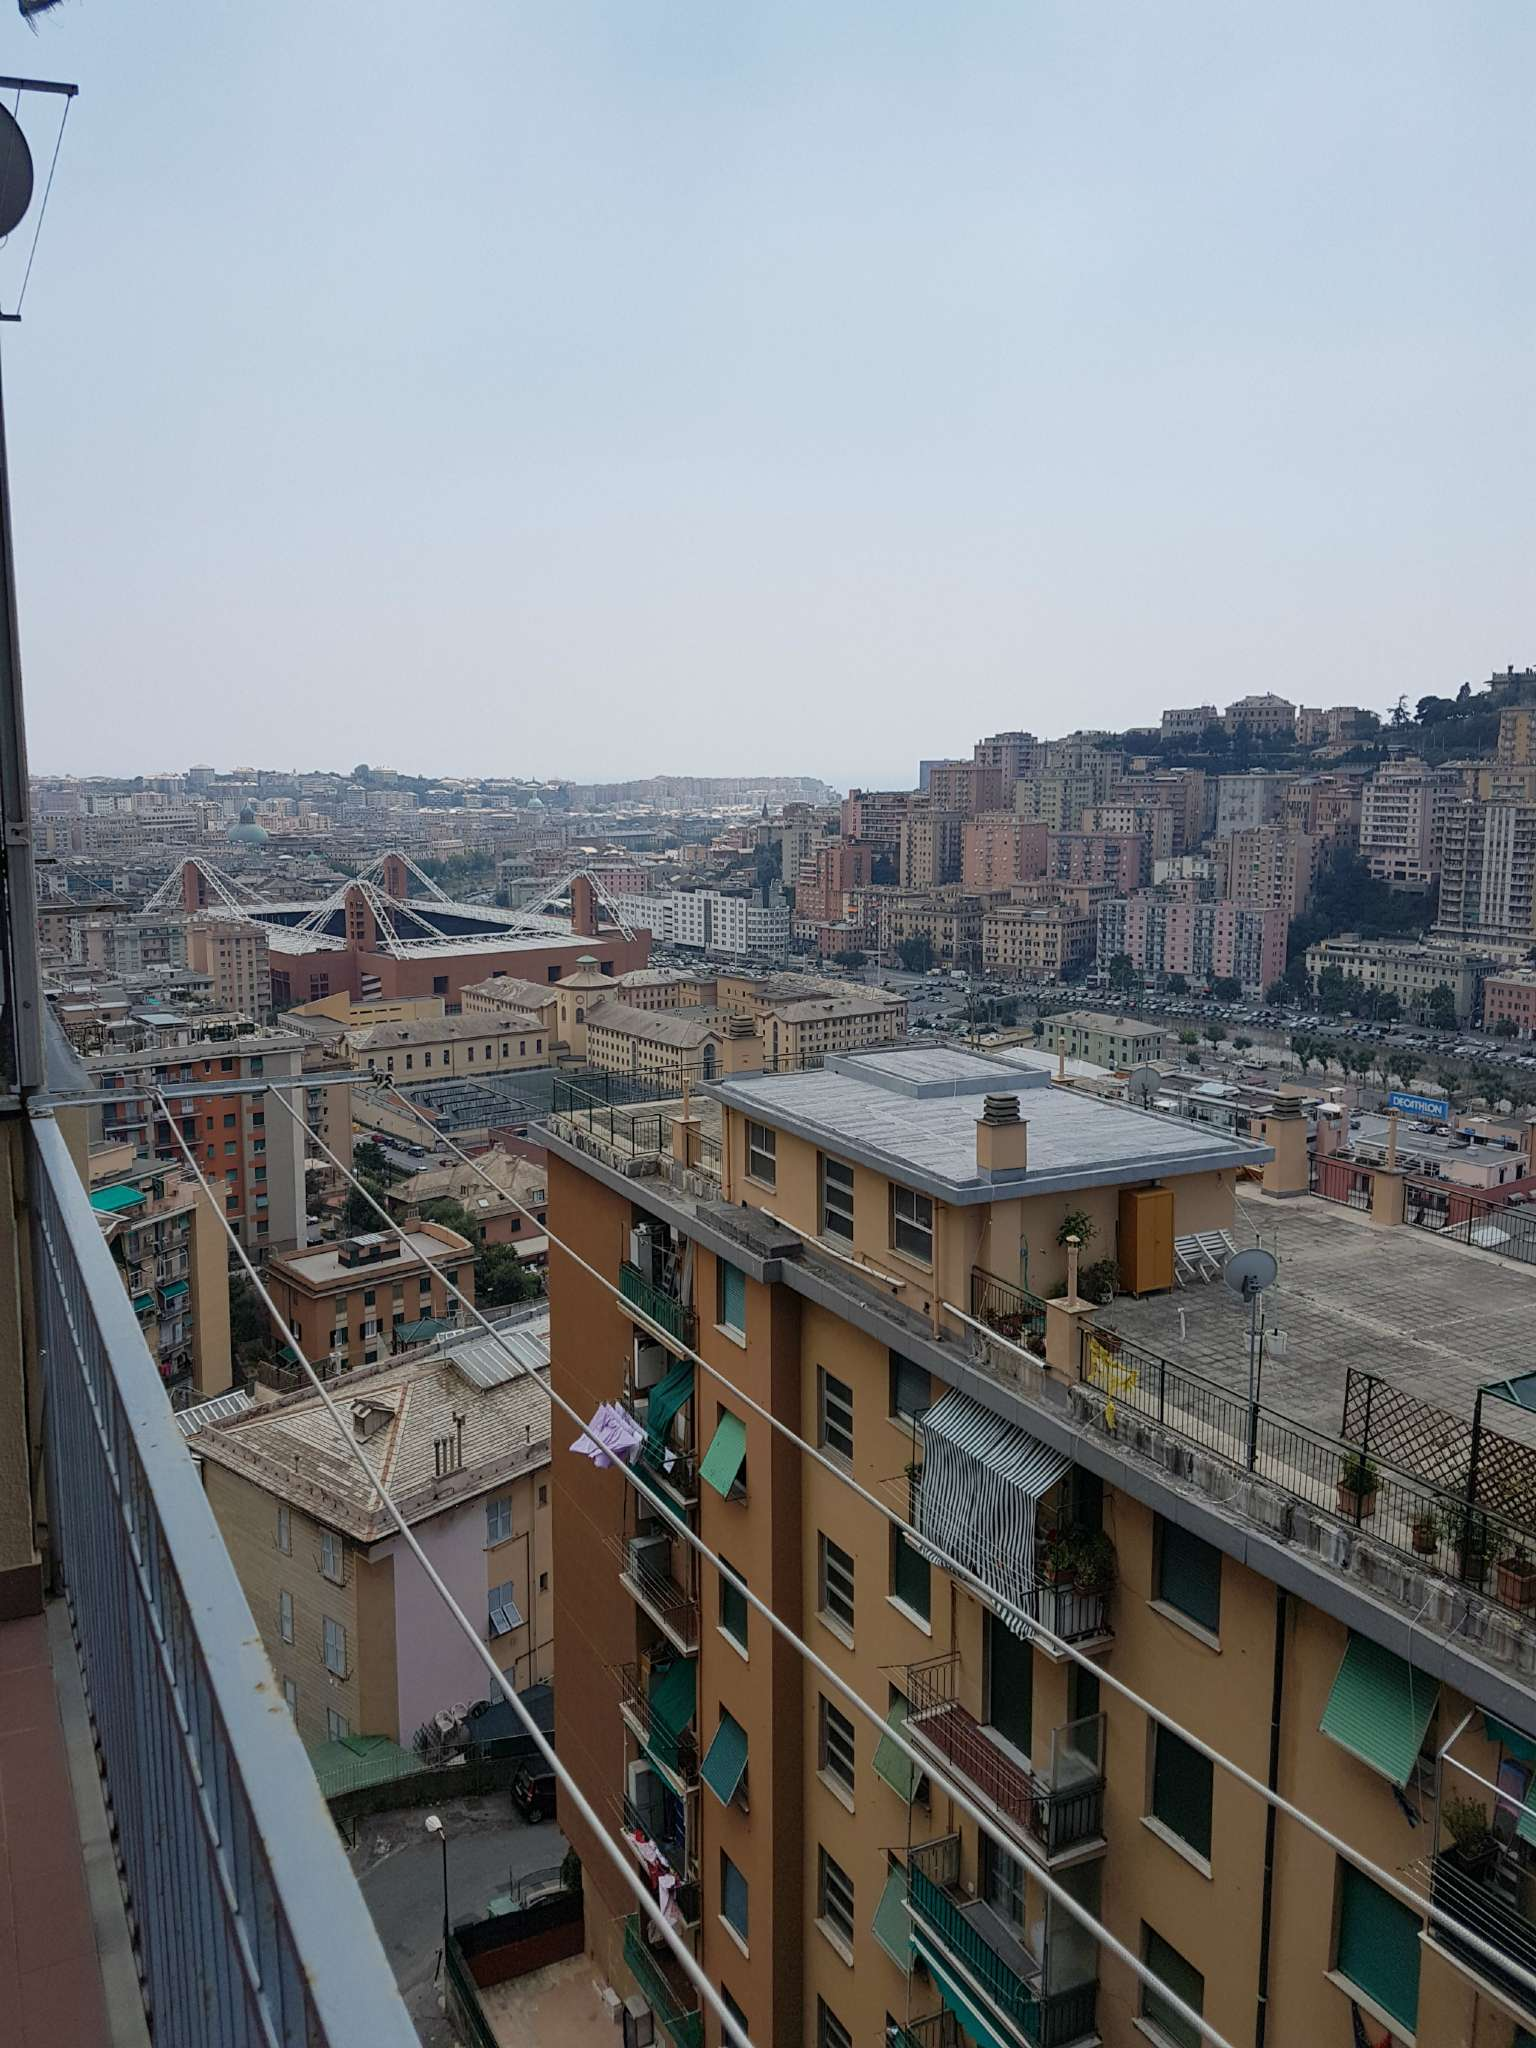 Appartamento in affitto a Genova, 5 locali, zona Zona: 5 . Marassi-Staglieno, prezzo € 450 | CambioCasa.it